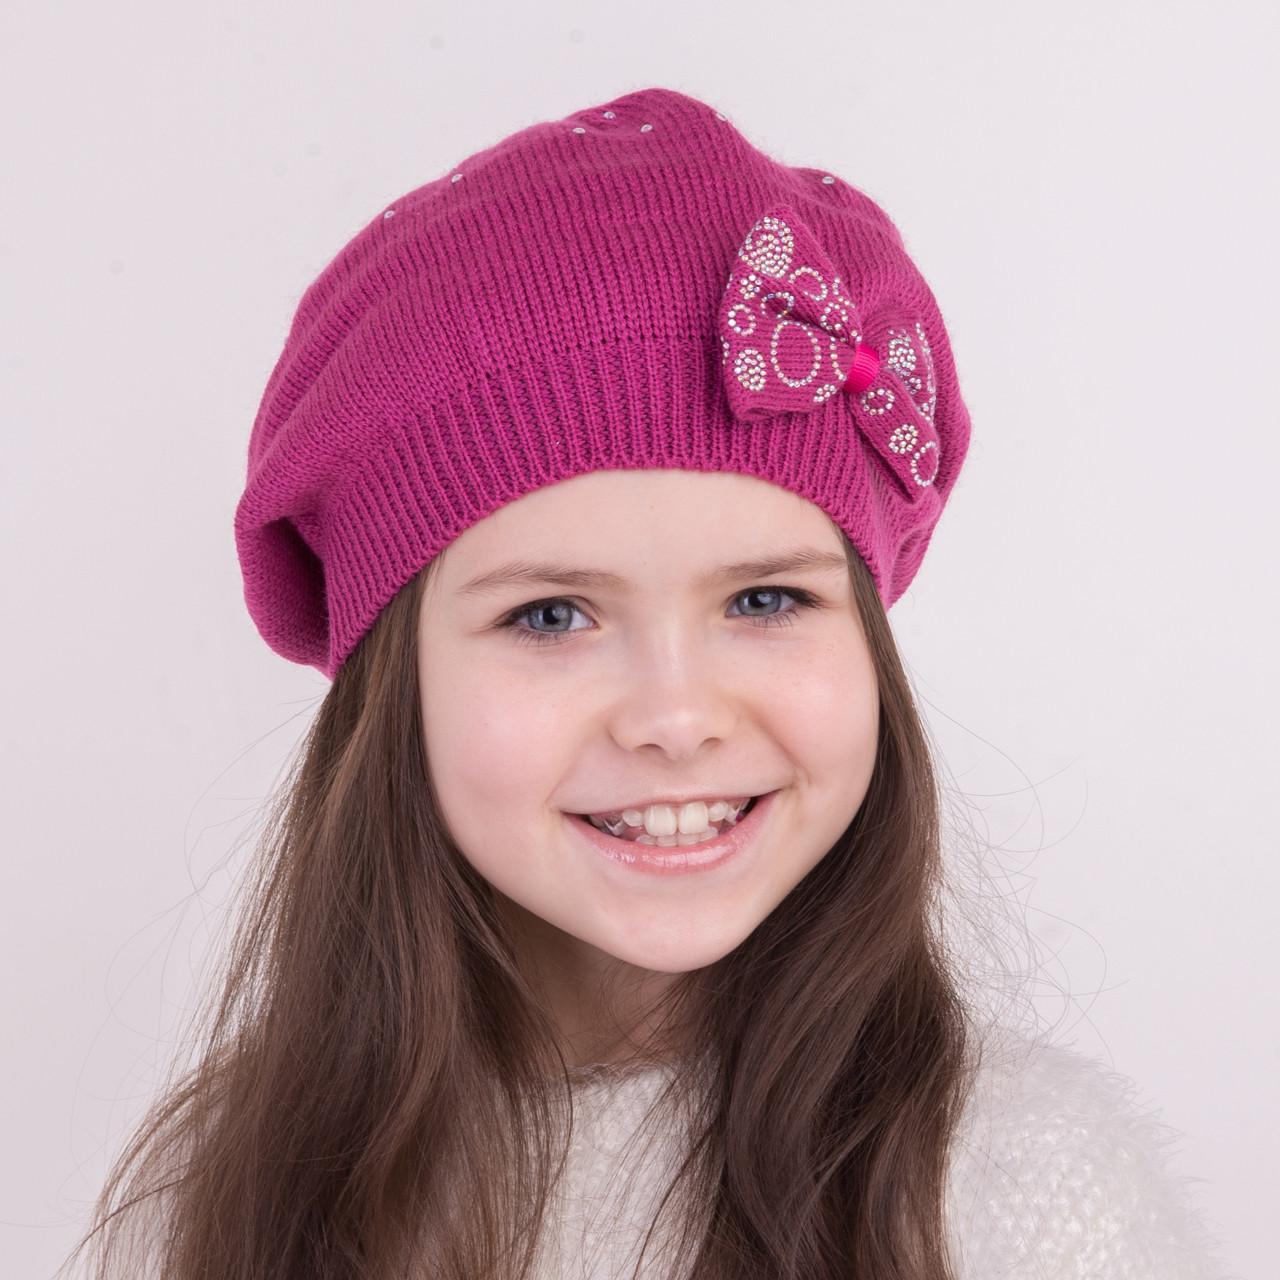 Вязаная шапка берет на весну для девочки - Арт 0363